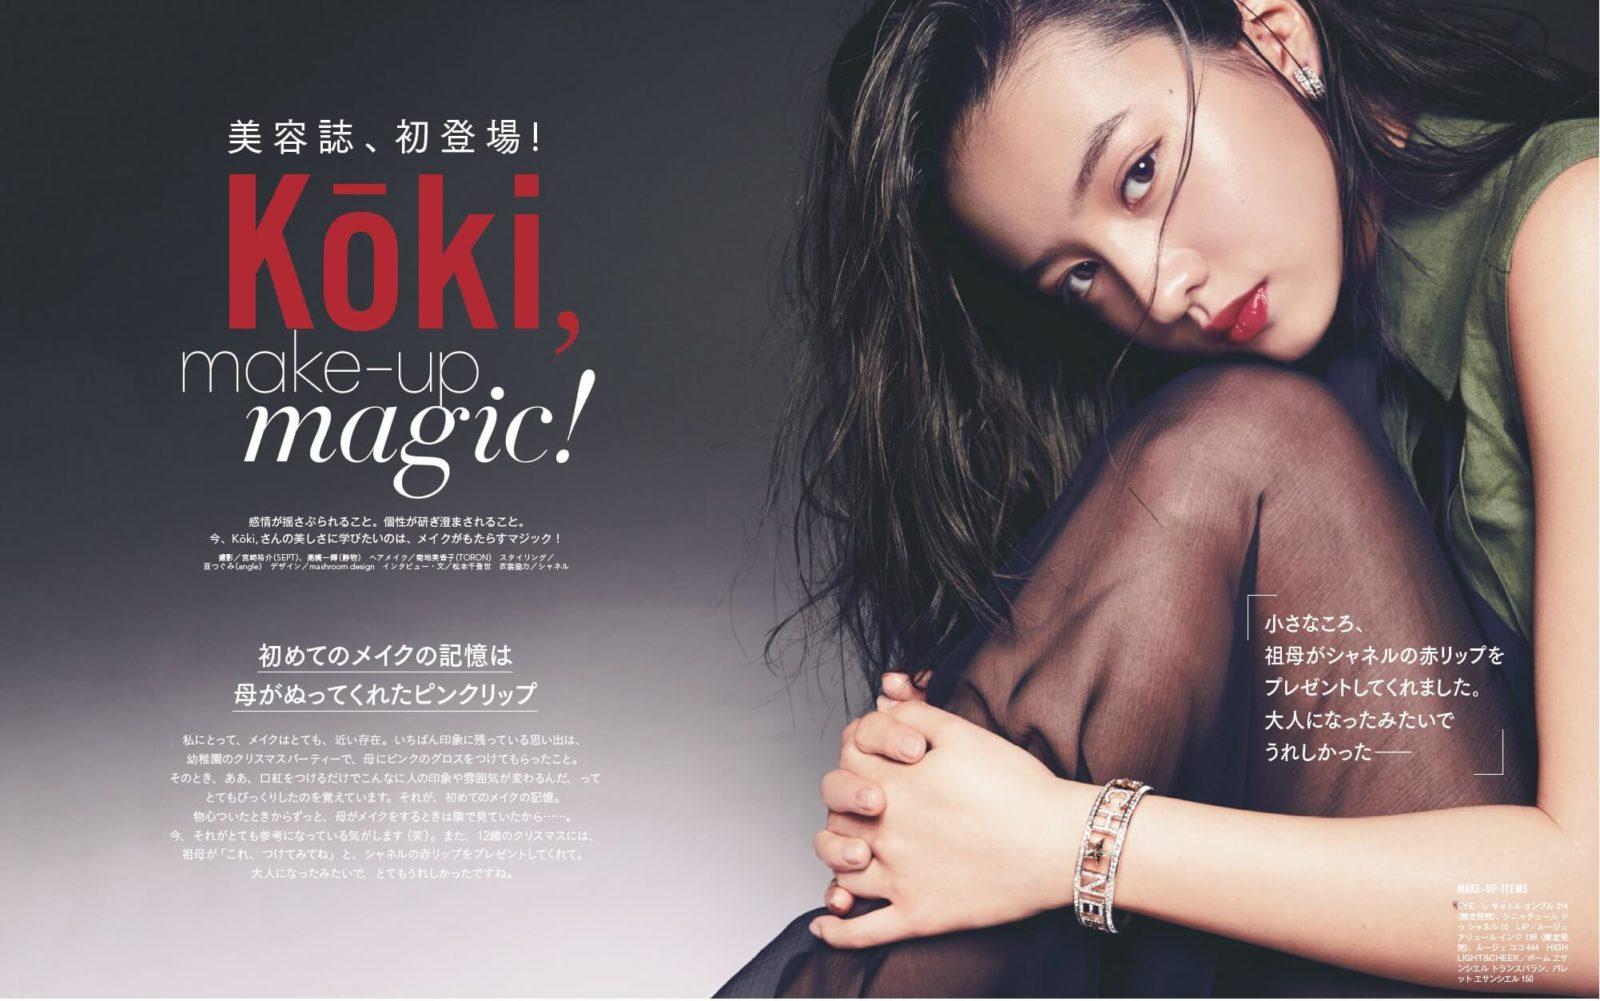 Koki, 憧れるのは芯が強い女性「私の母のように」サムネイル画像